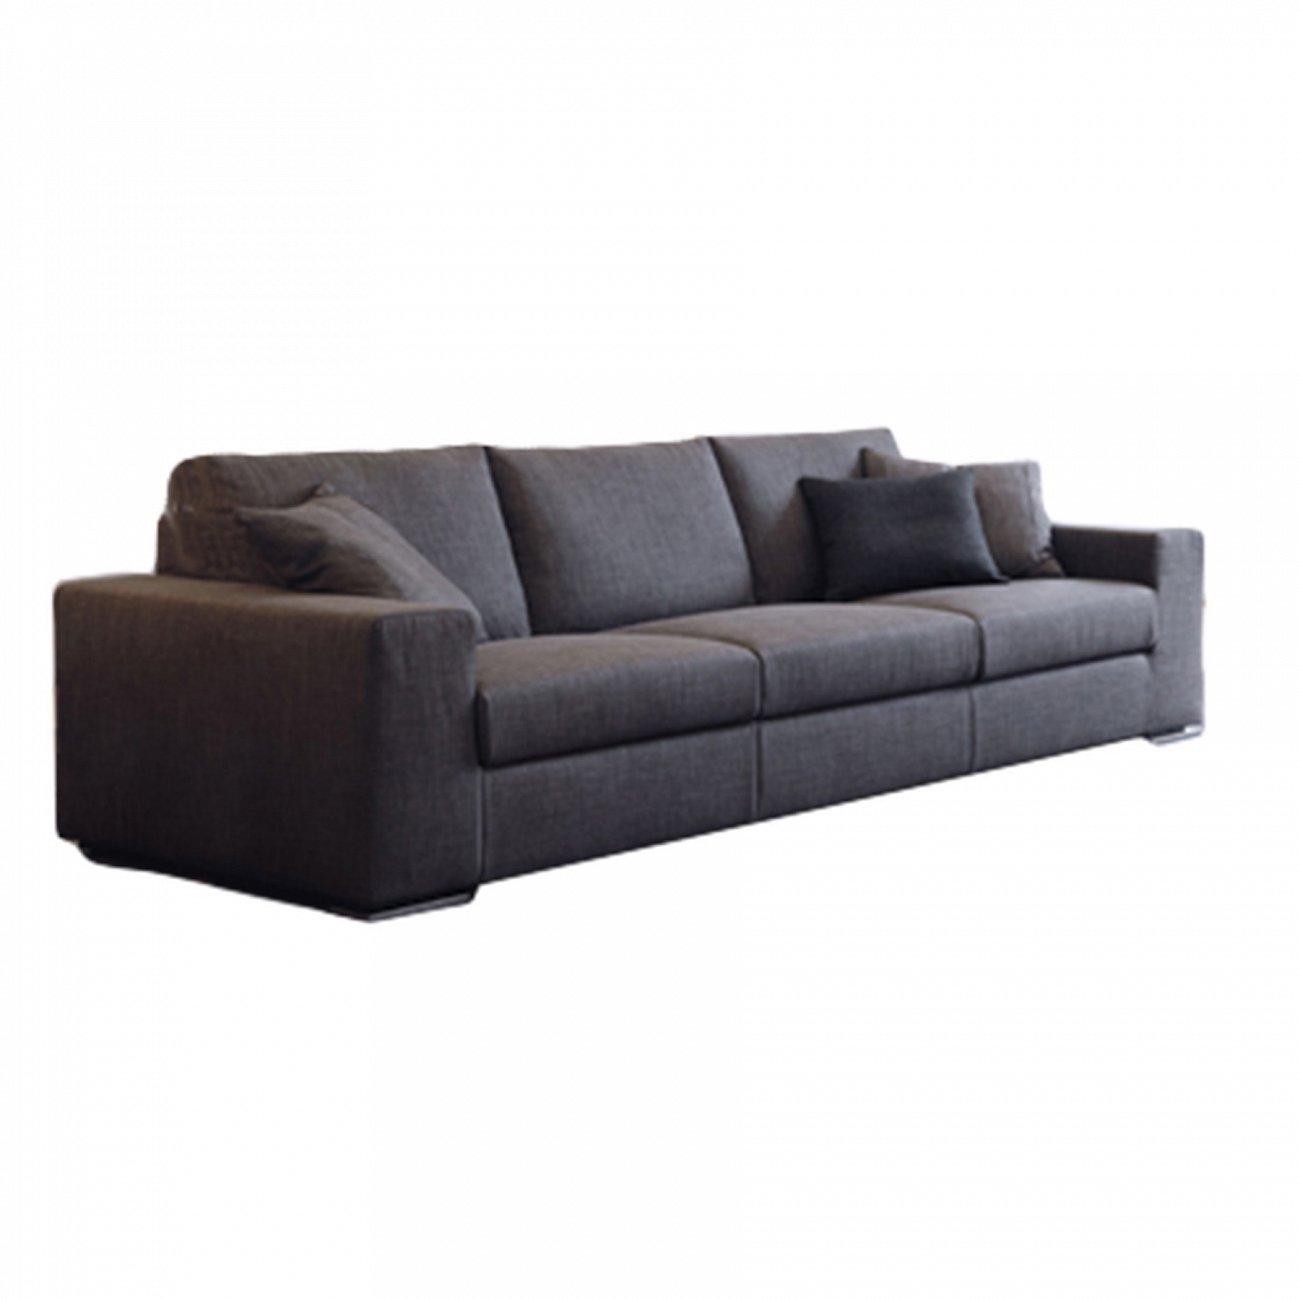 Купить Диван раскладной Алберта в интернет магазине дизайнерской мебели и аксессуаров для дома и дачи